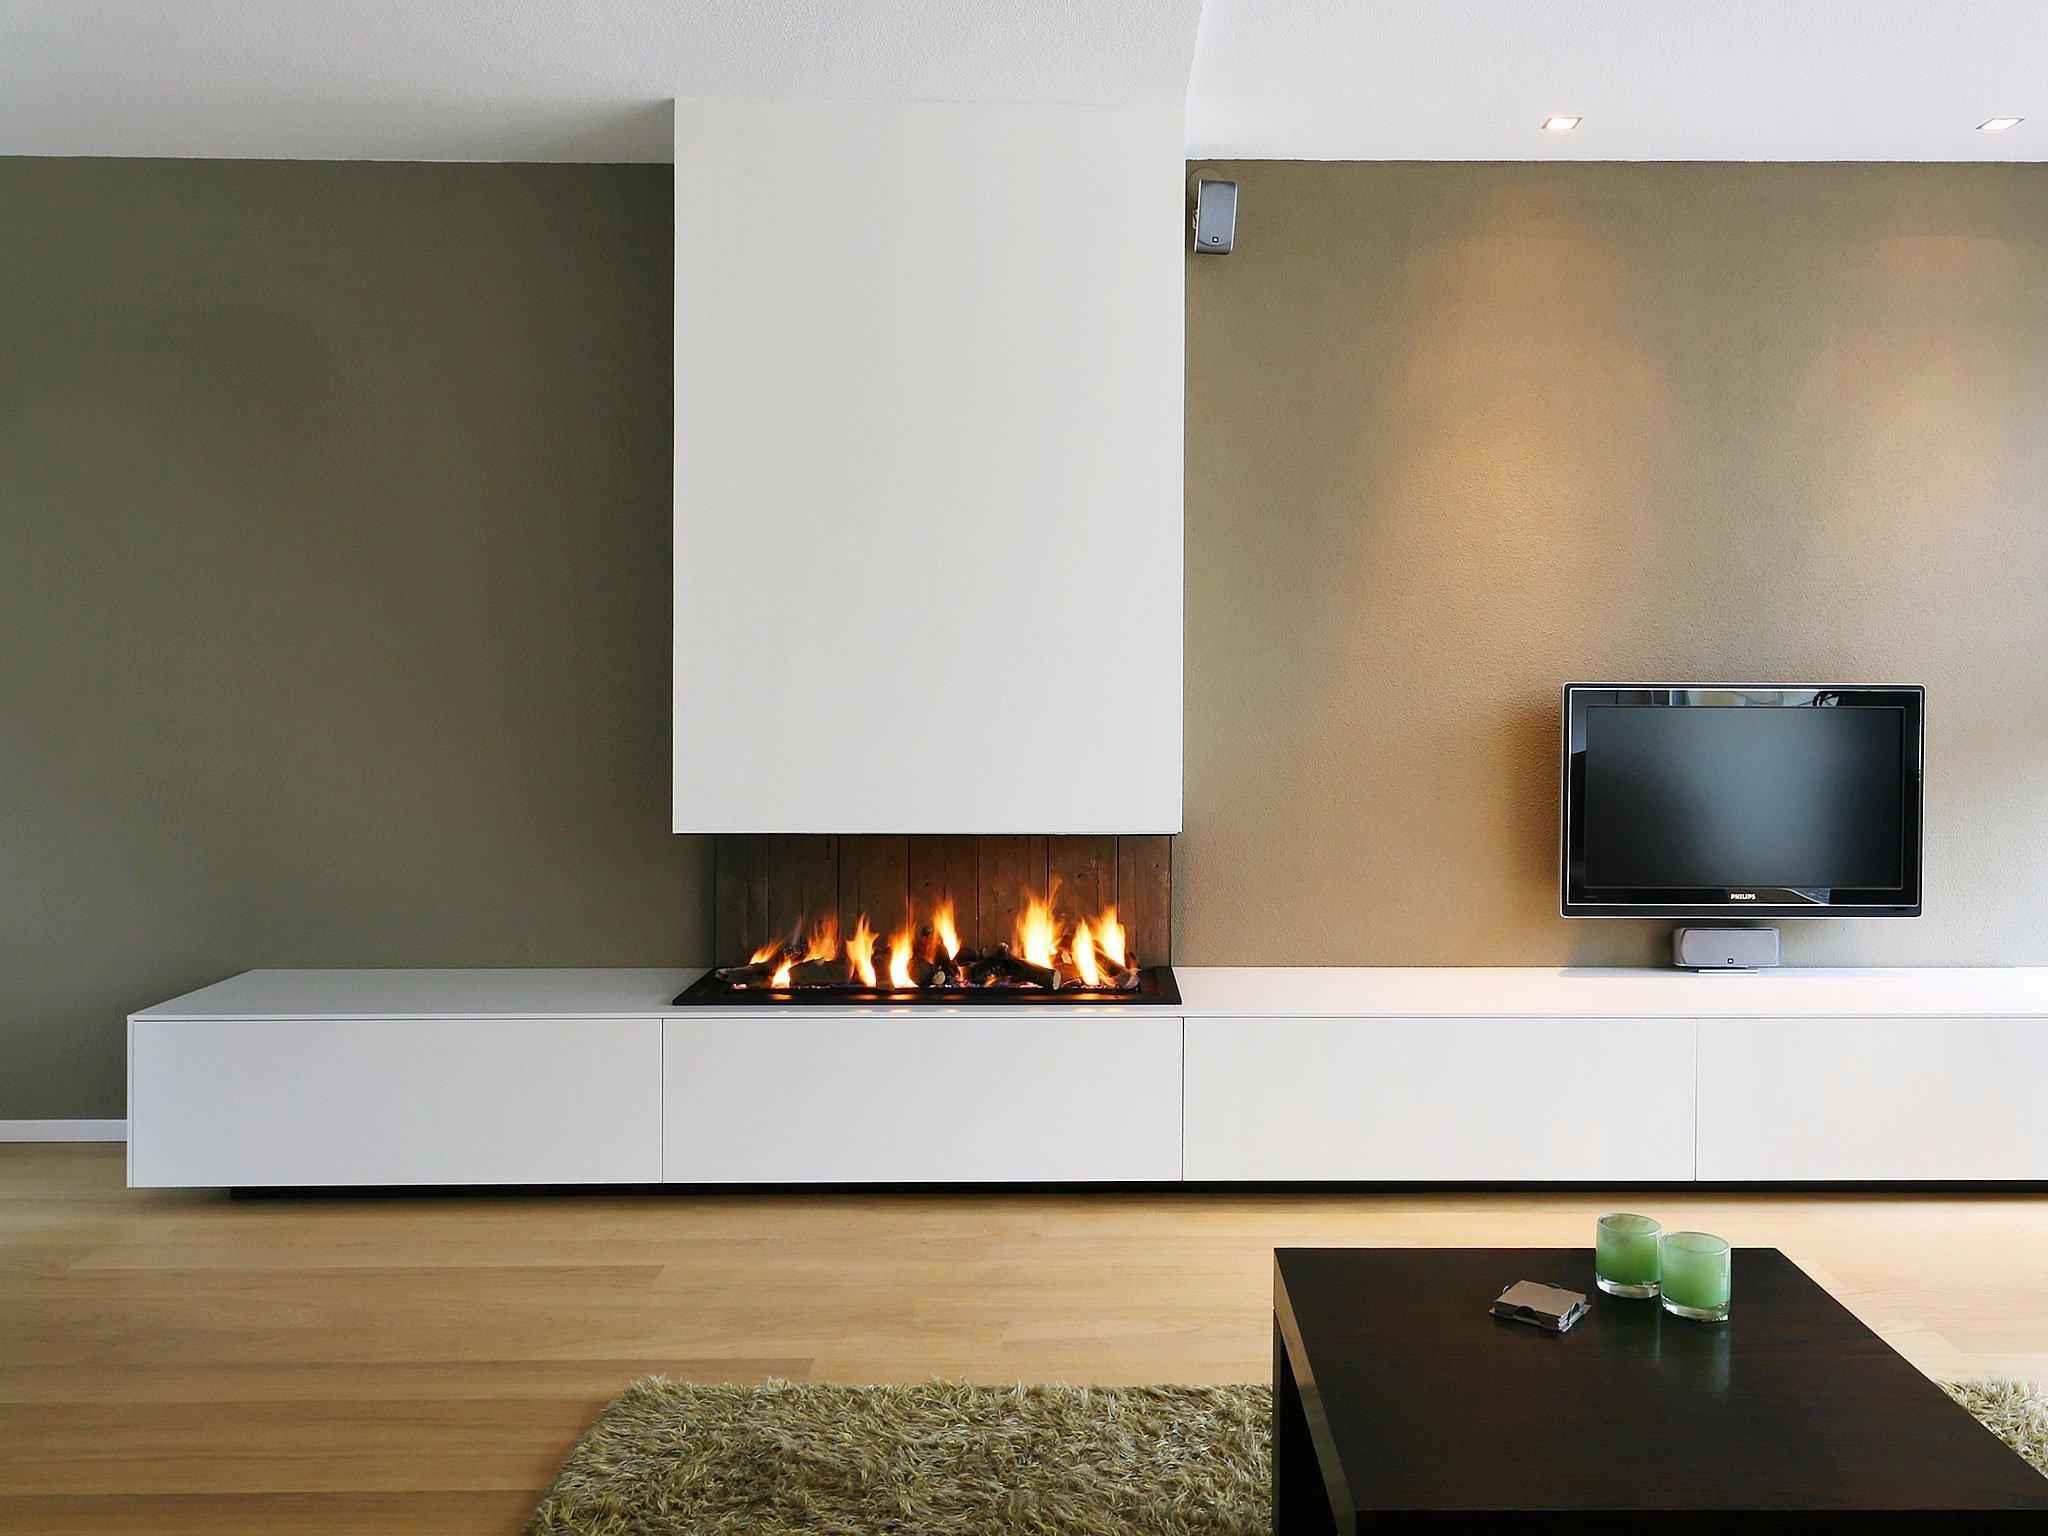 Tv meubel maken met elektrische haard ombouw werkspot for Dec design interieur